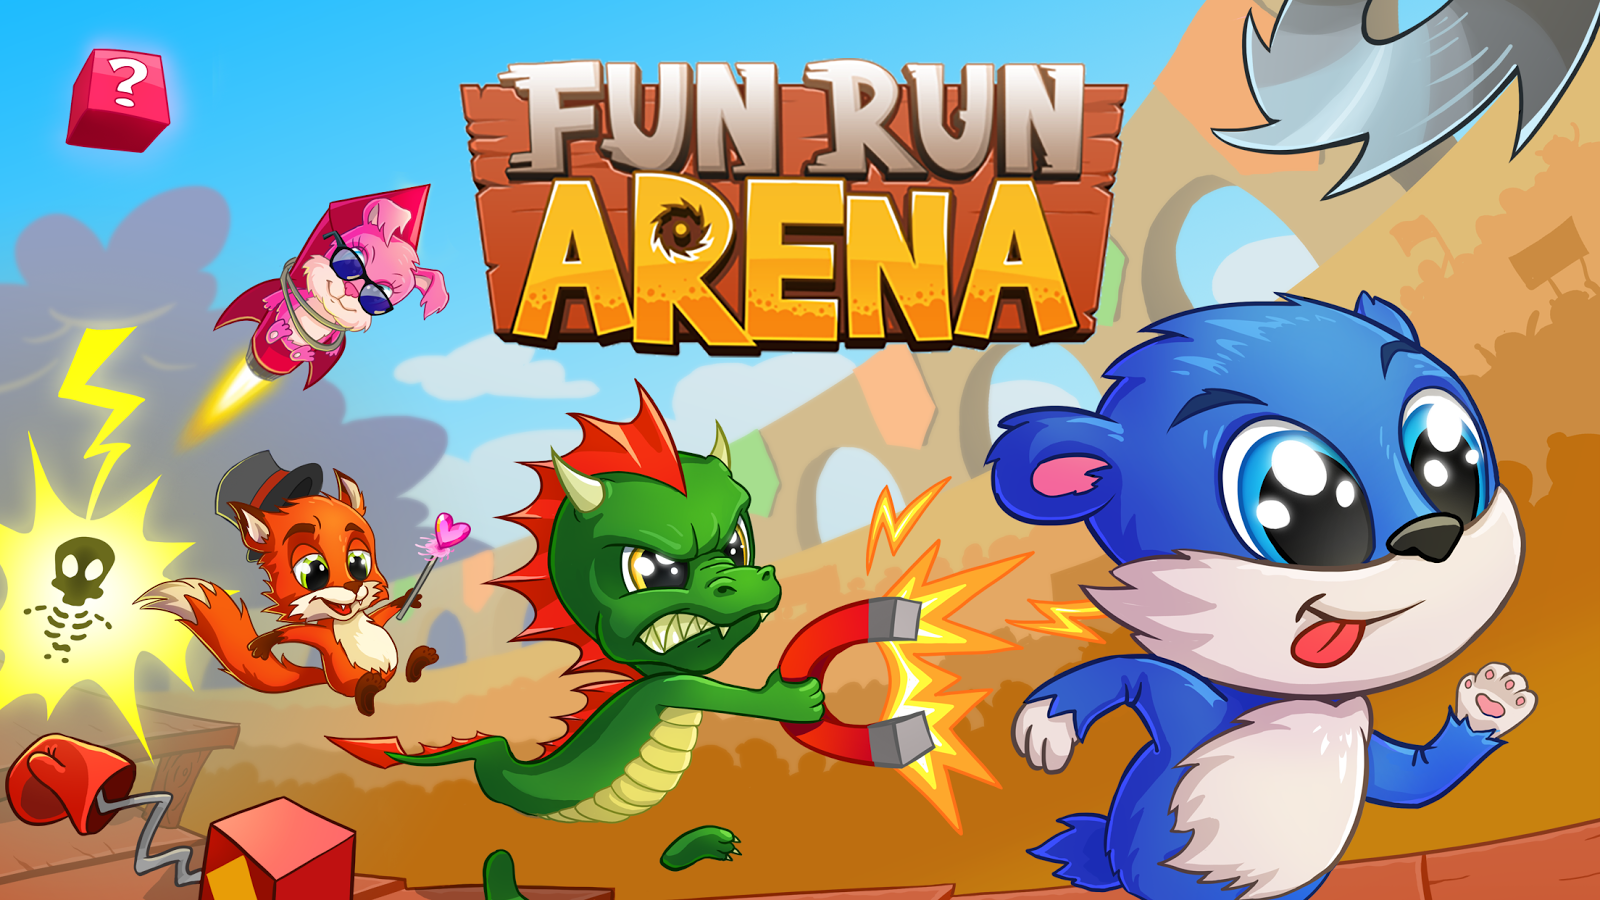 Fun Run Arena Ekran Görüntüleri - 5 - Fun Run PNG HD